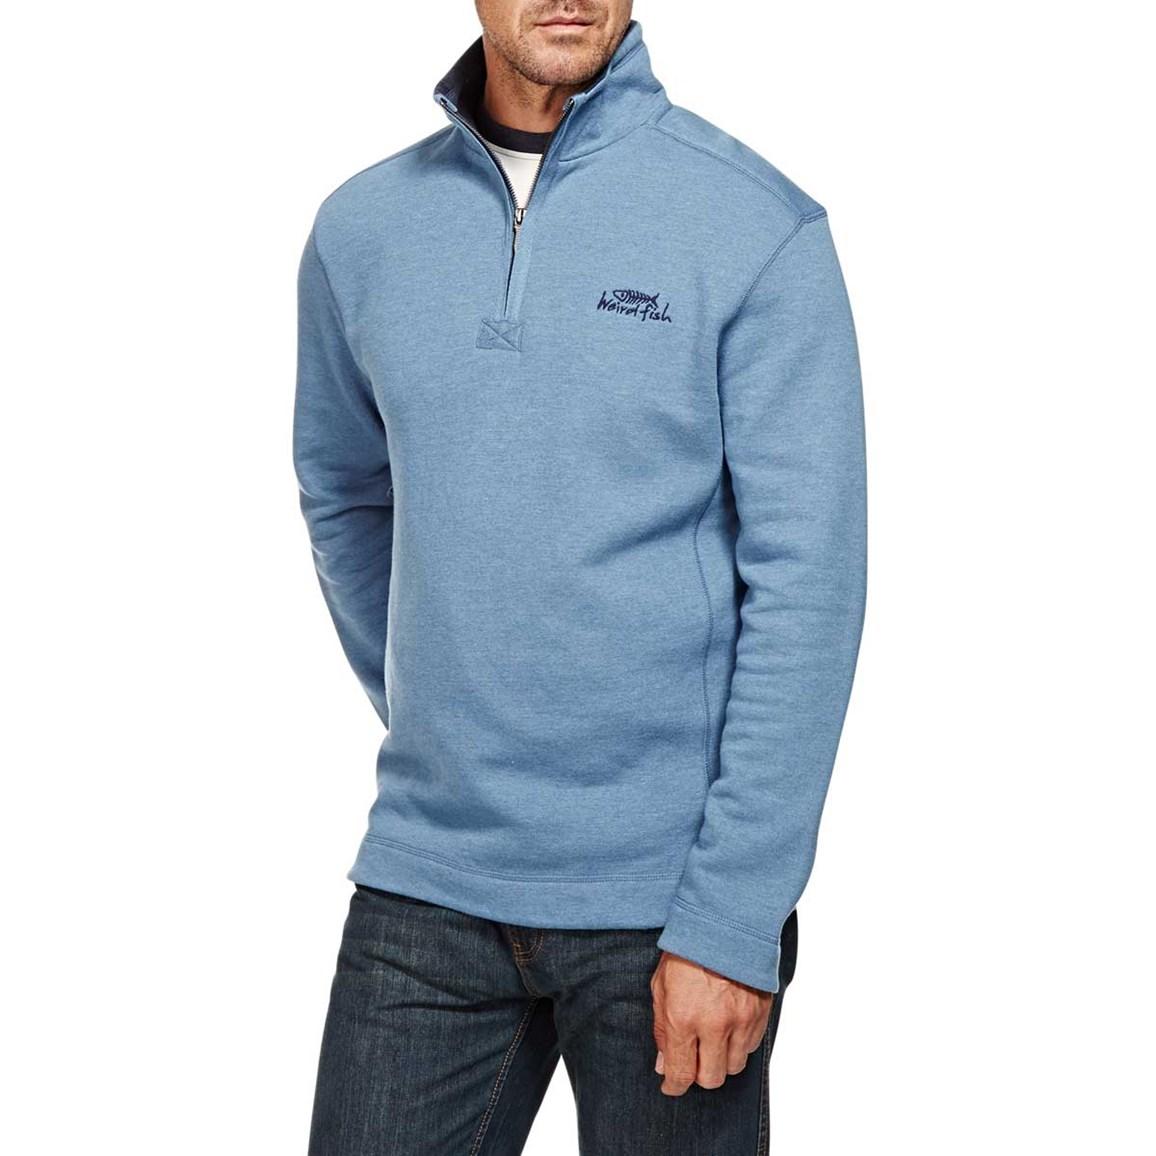 Hail Plain 1/4 Neck Zip Embroidered Sweatshirt Airforce Blue